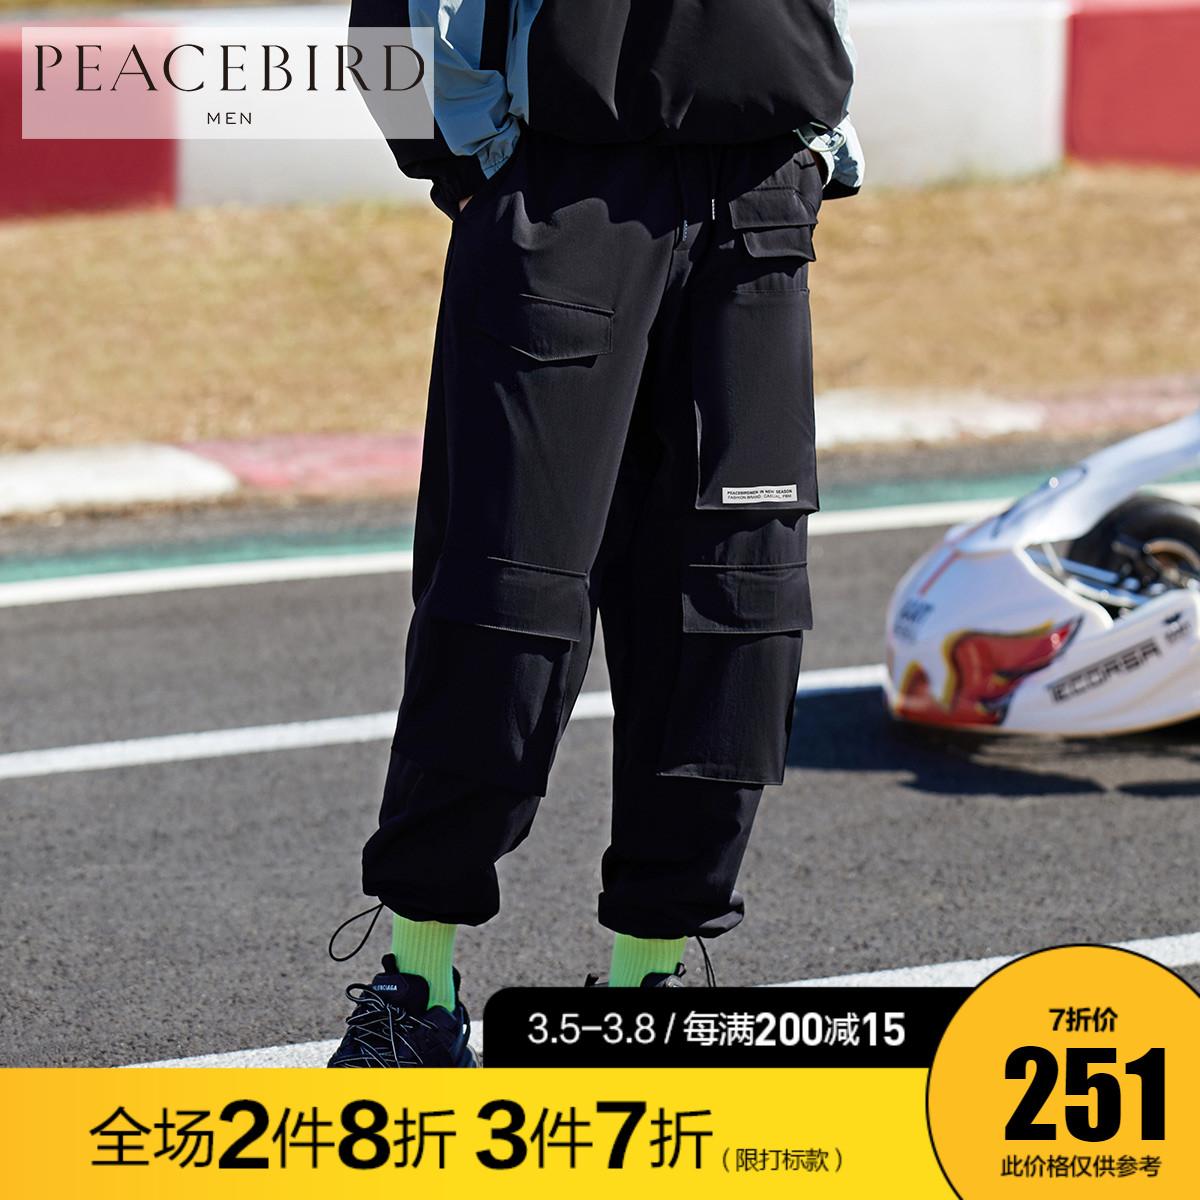 Quần áo nam hòa bình quần yếm nam nhiều túi lỏng lẻo mùa xuân quần mới giản dị quần thanh niên thương hiệu thủy triều - Quần tây thường